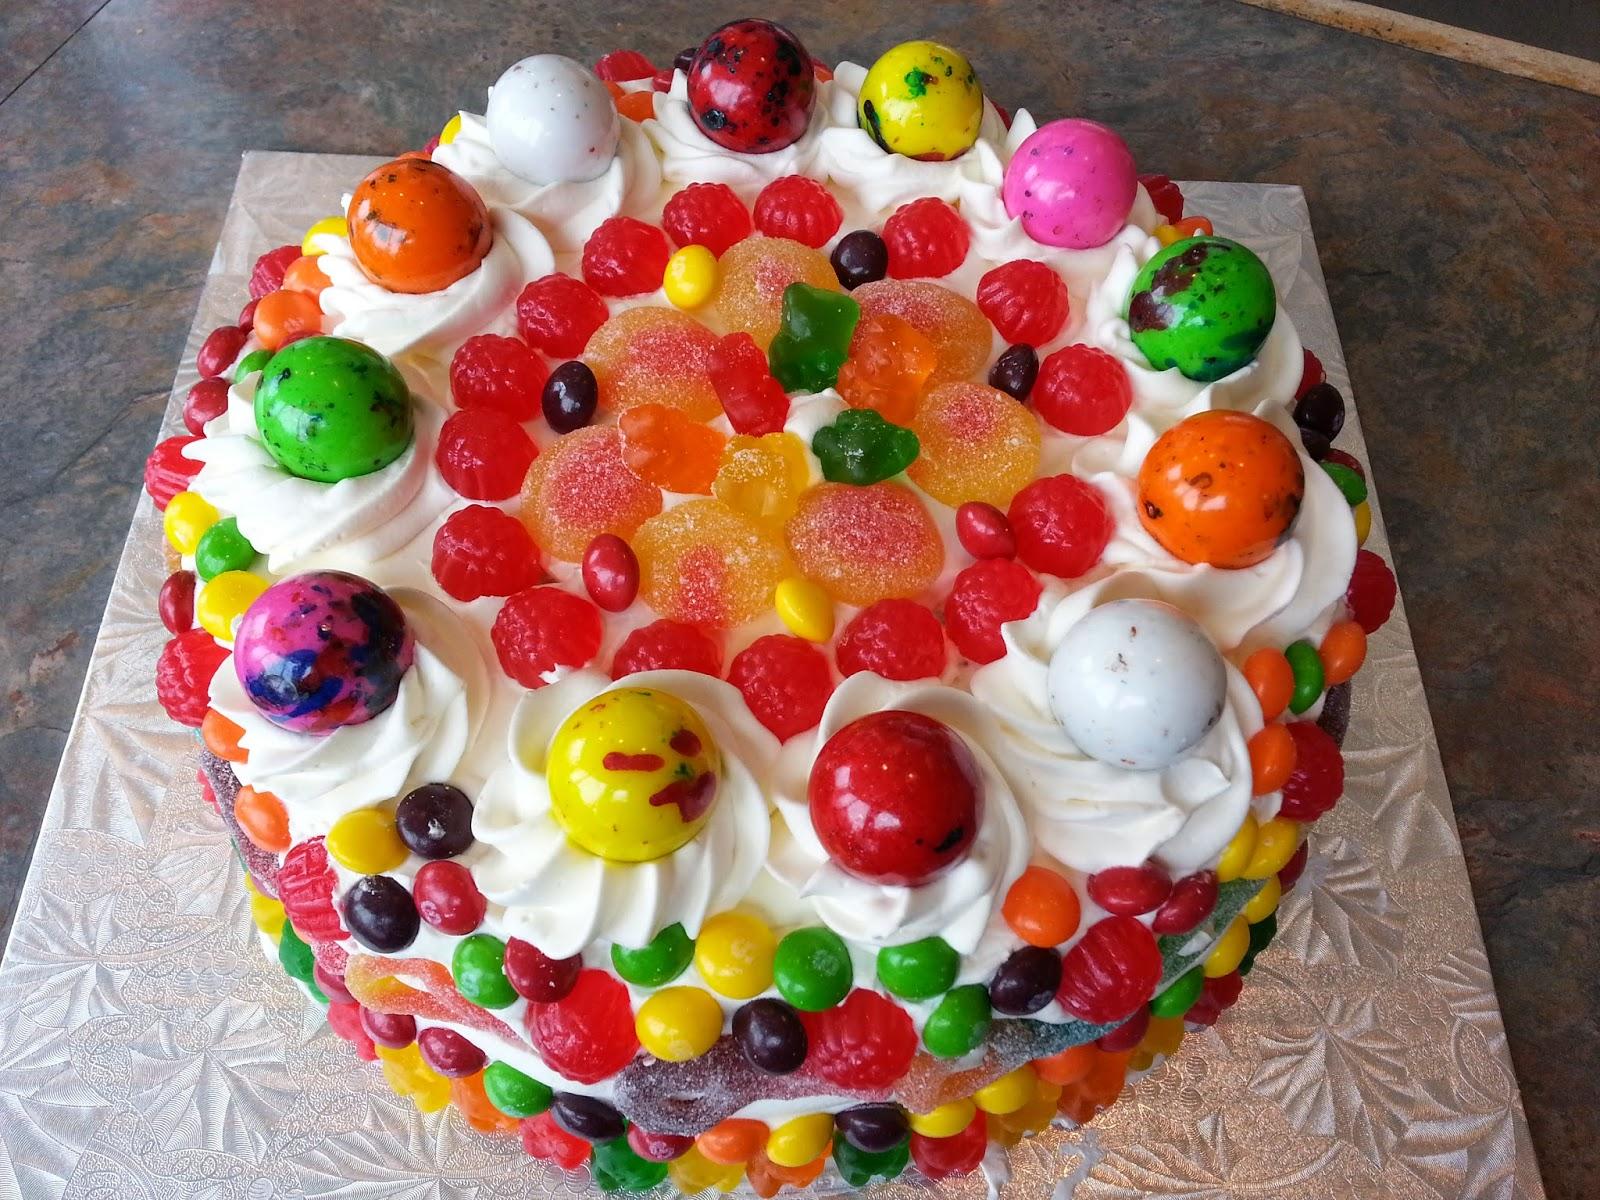 ... spéciale pour une ado qui adore les bonbons gâteau bonbons genny4